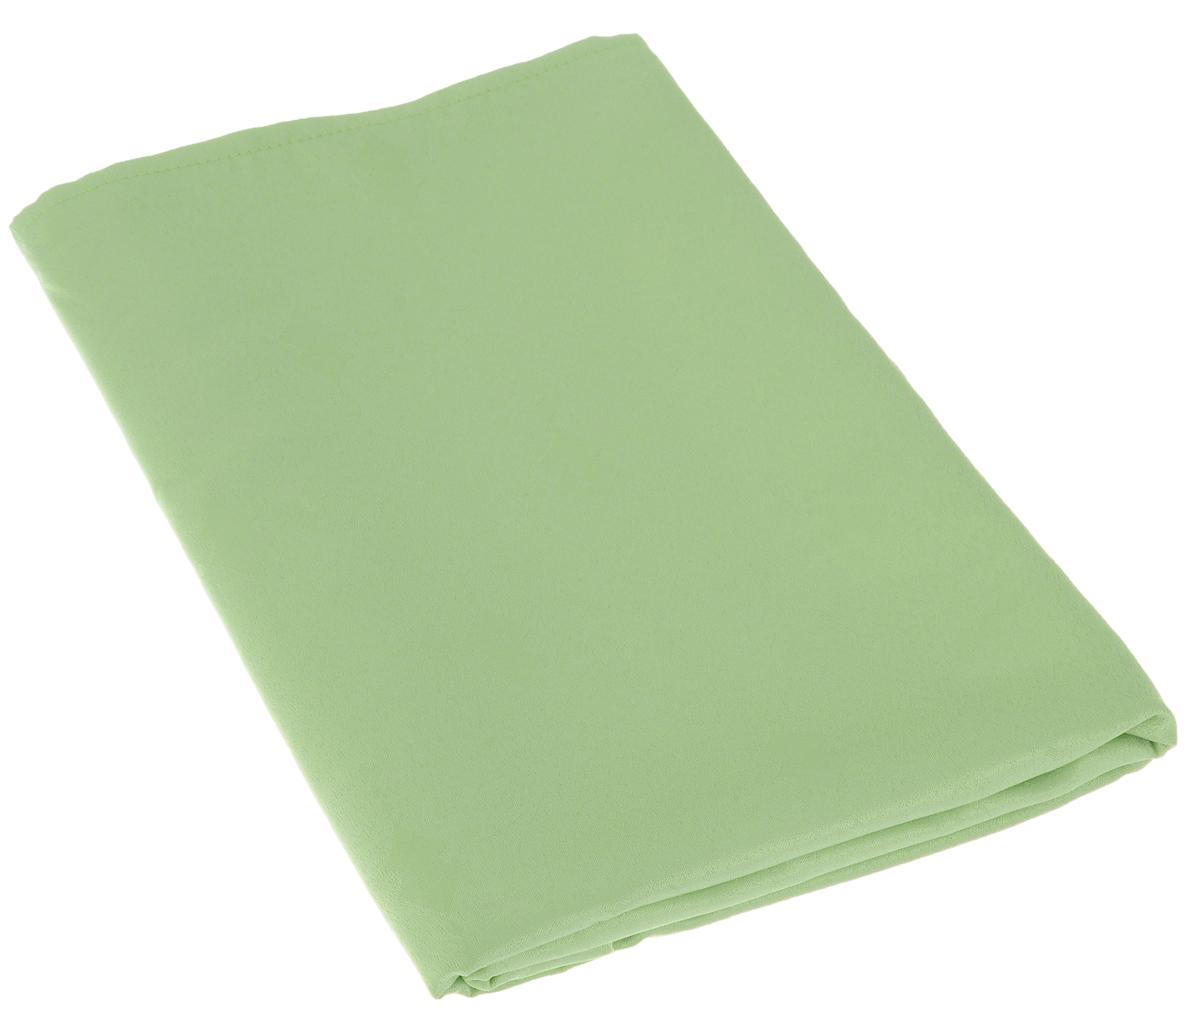 """Скатерть """"Schaefer"""", прямоугольная, цвет: светло-зеленый, 160 х 220 см. 07509-408"""